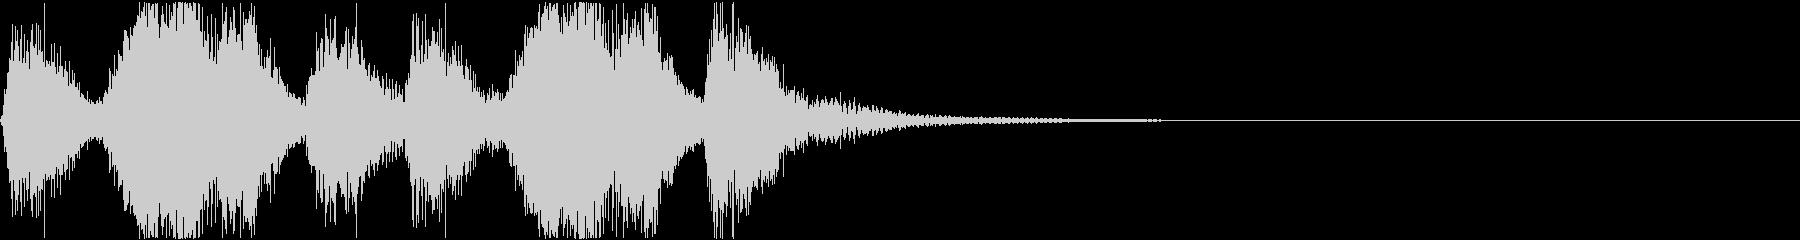 劇的な雰囲気のオーケストラ・ジングルの未再生の波形